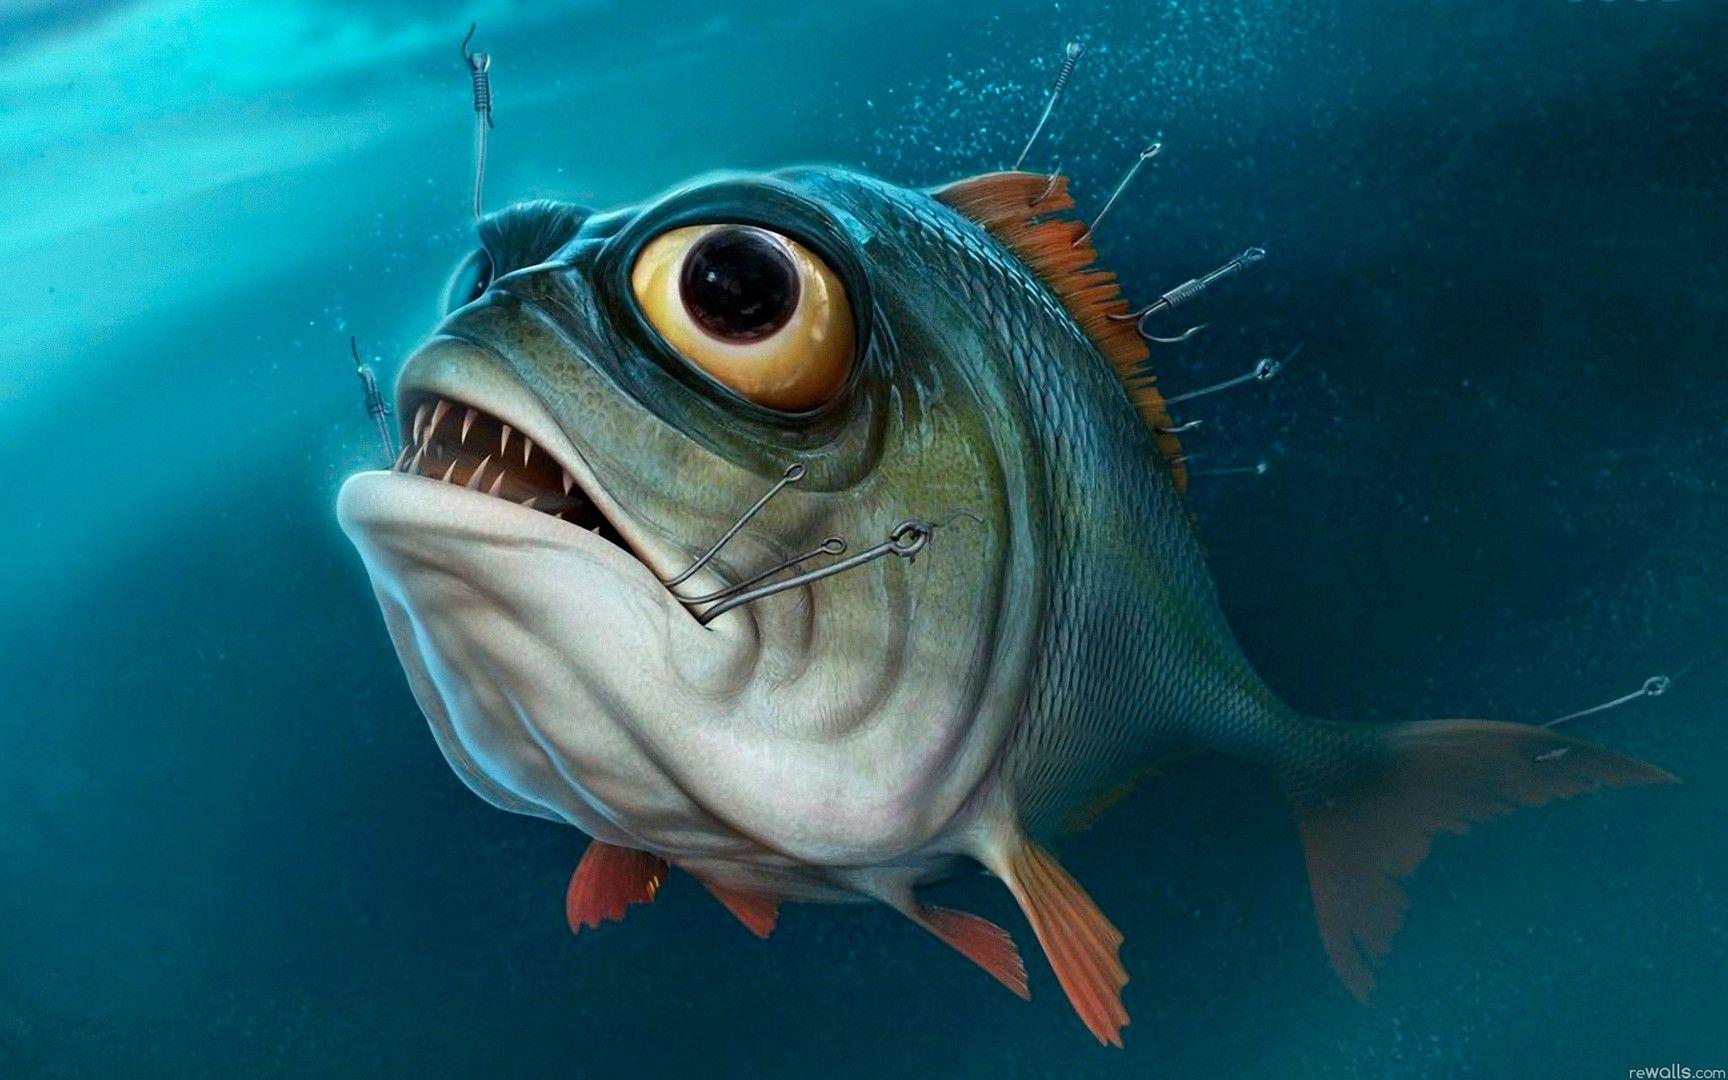 Юмористическая картинка рыбы